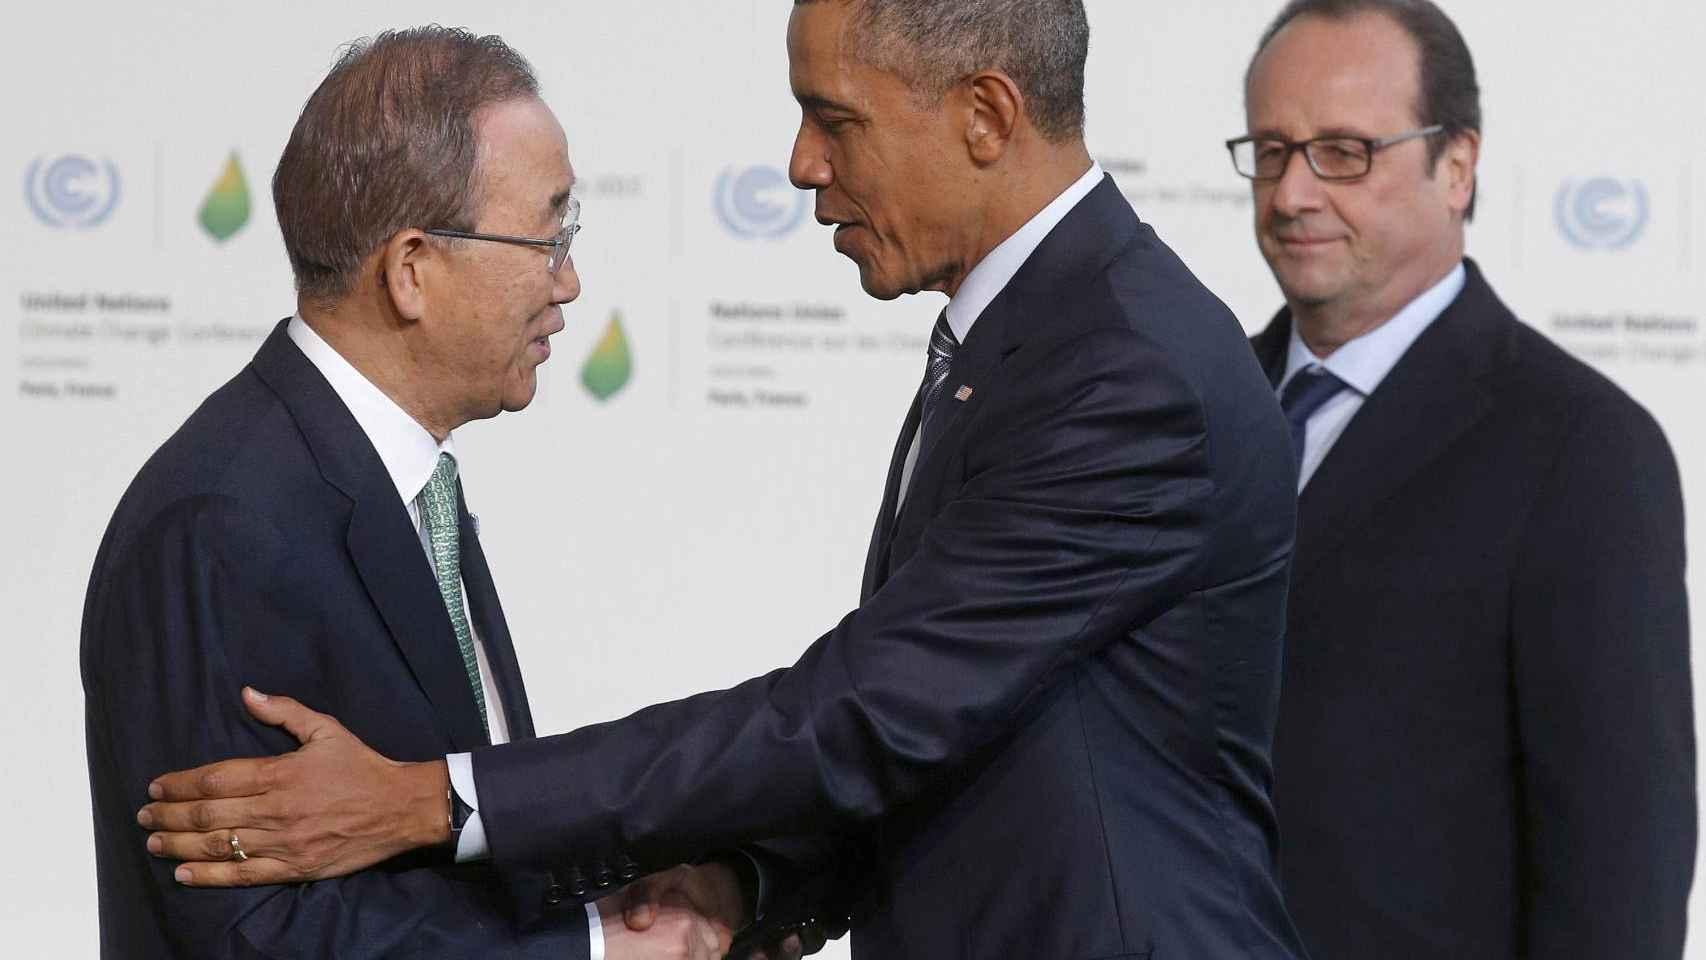 Ban-Ki-moon y Obama se saludan en presencia de François Hollande